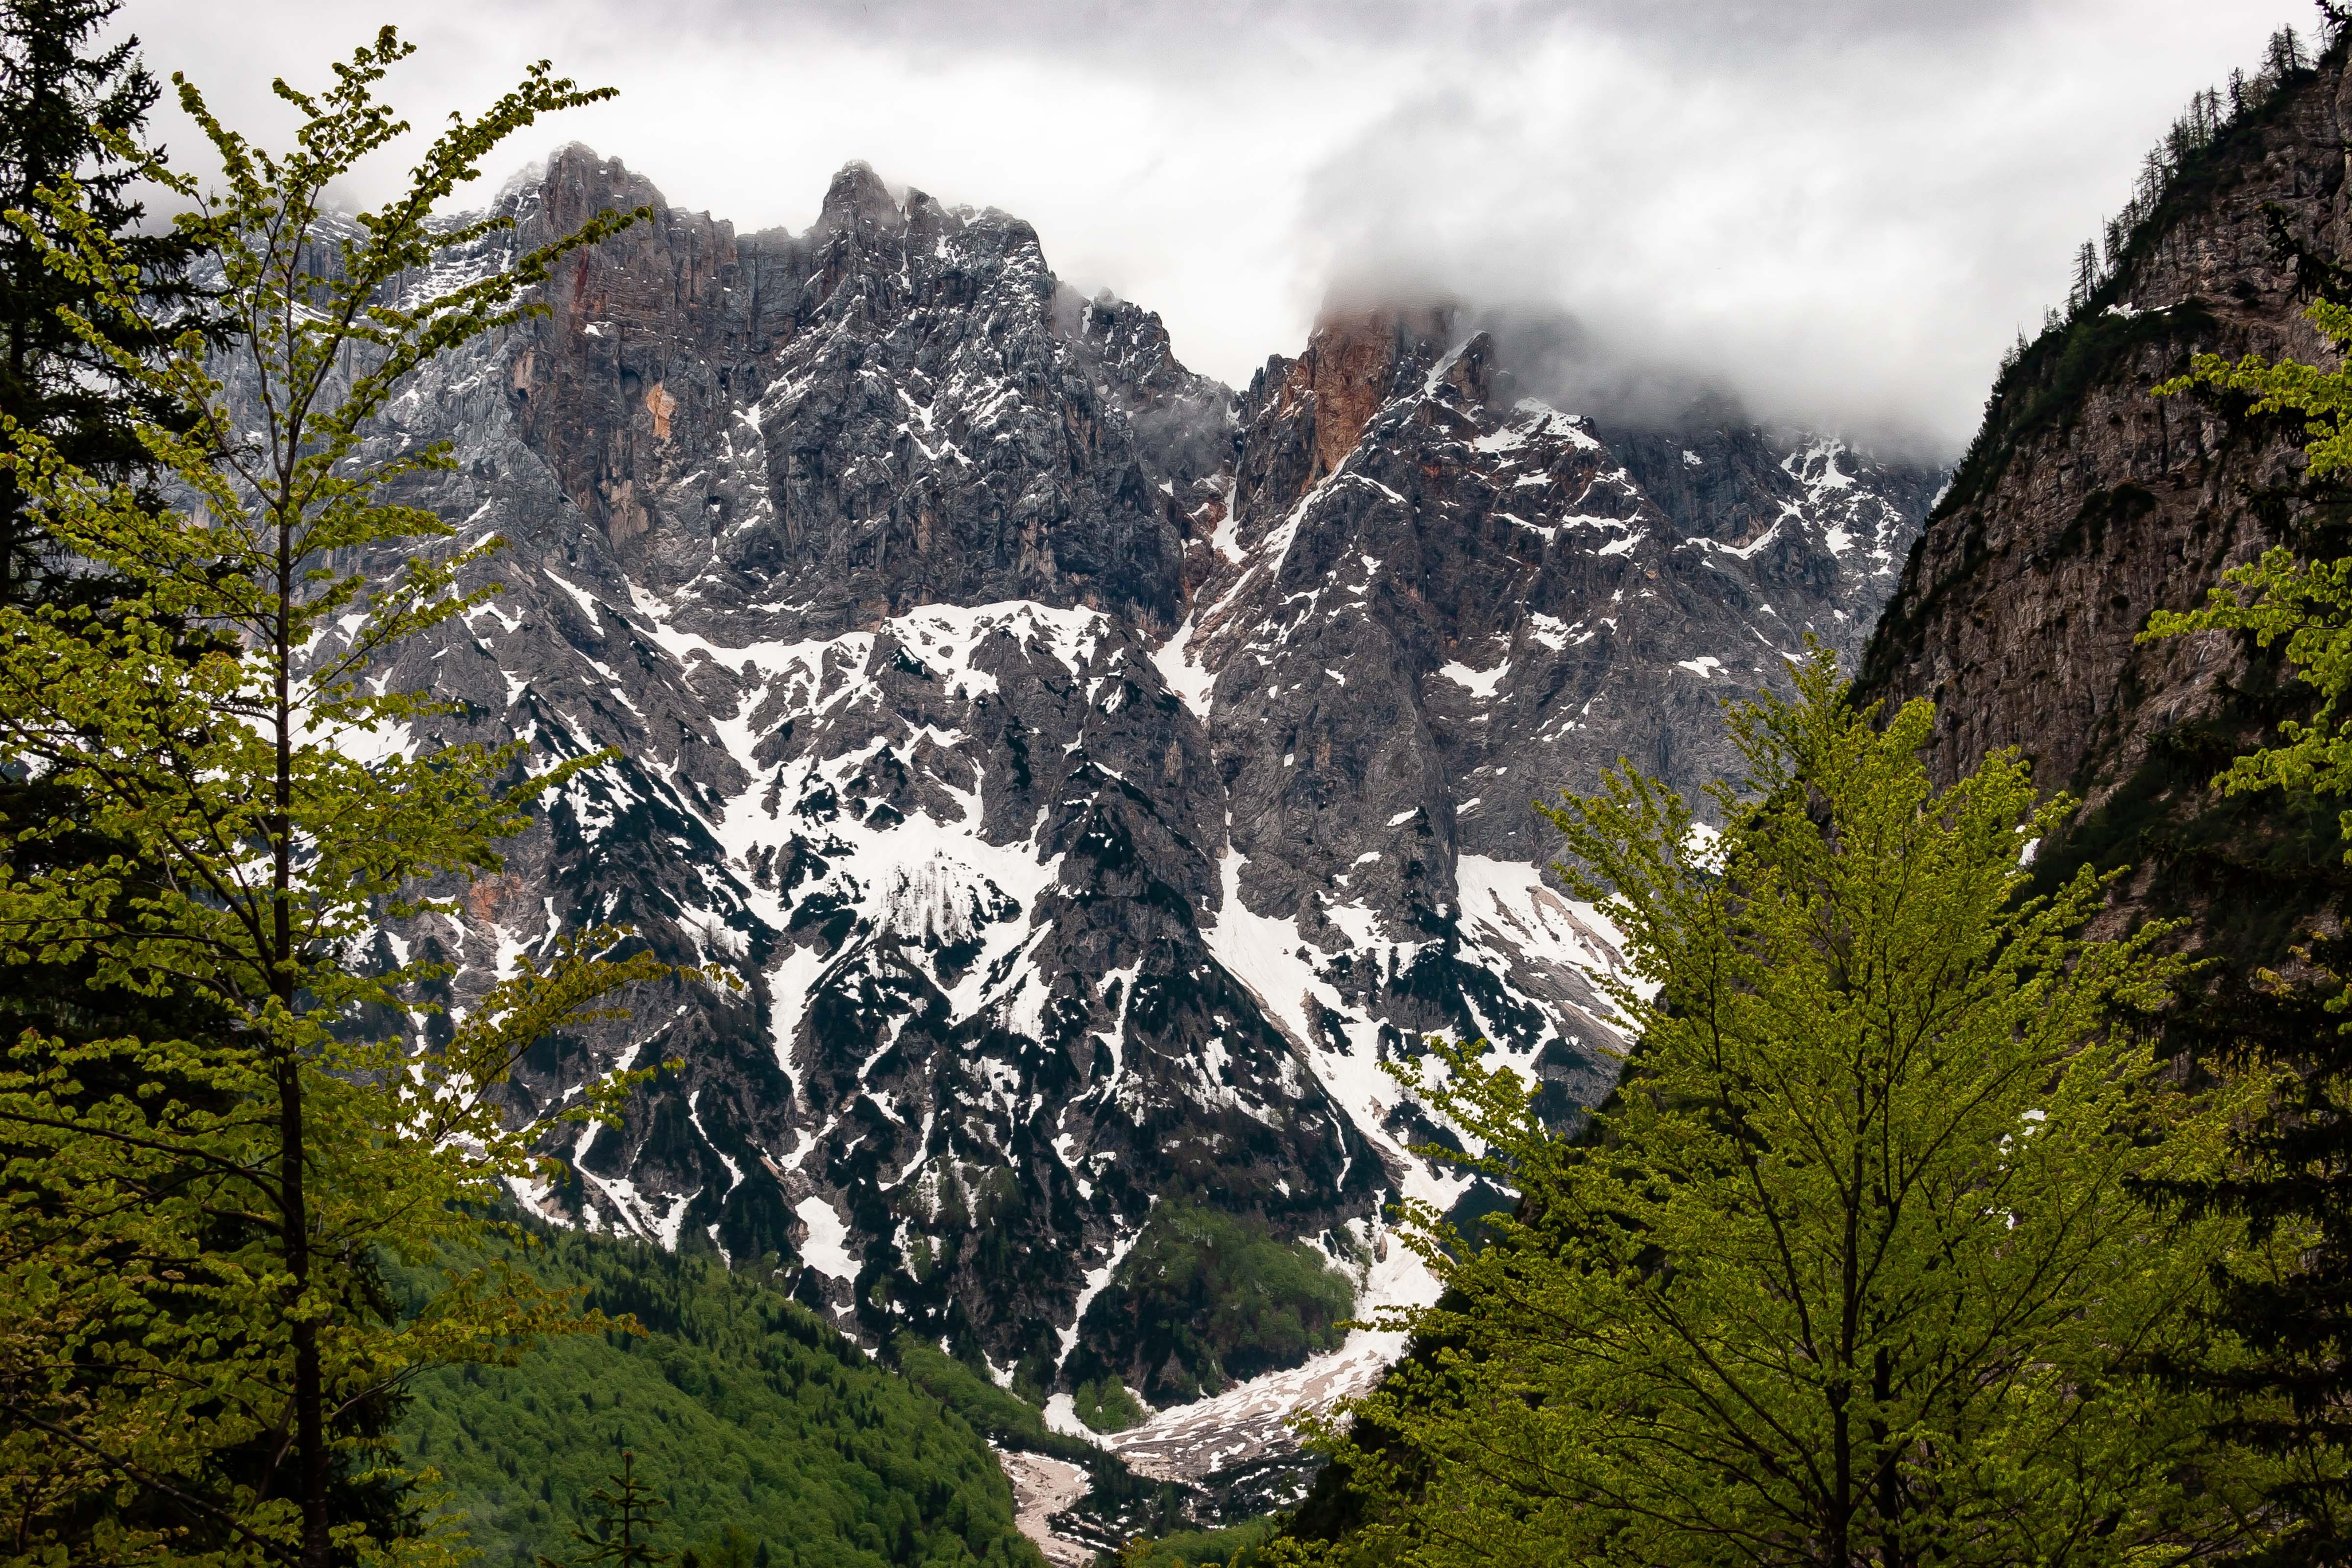 Slovenia, Kranjska Gora Prov, Mountain Scene, 2006, IMG 6499